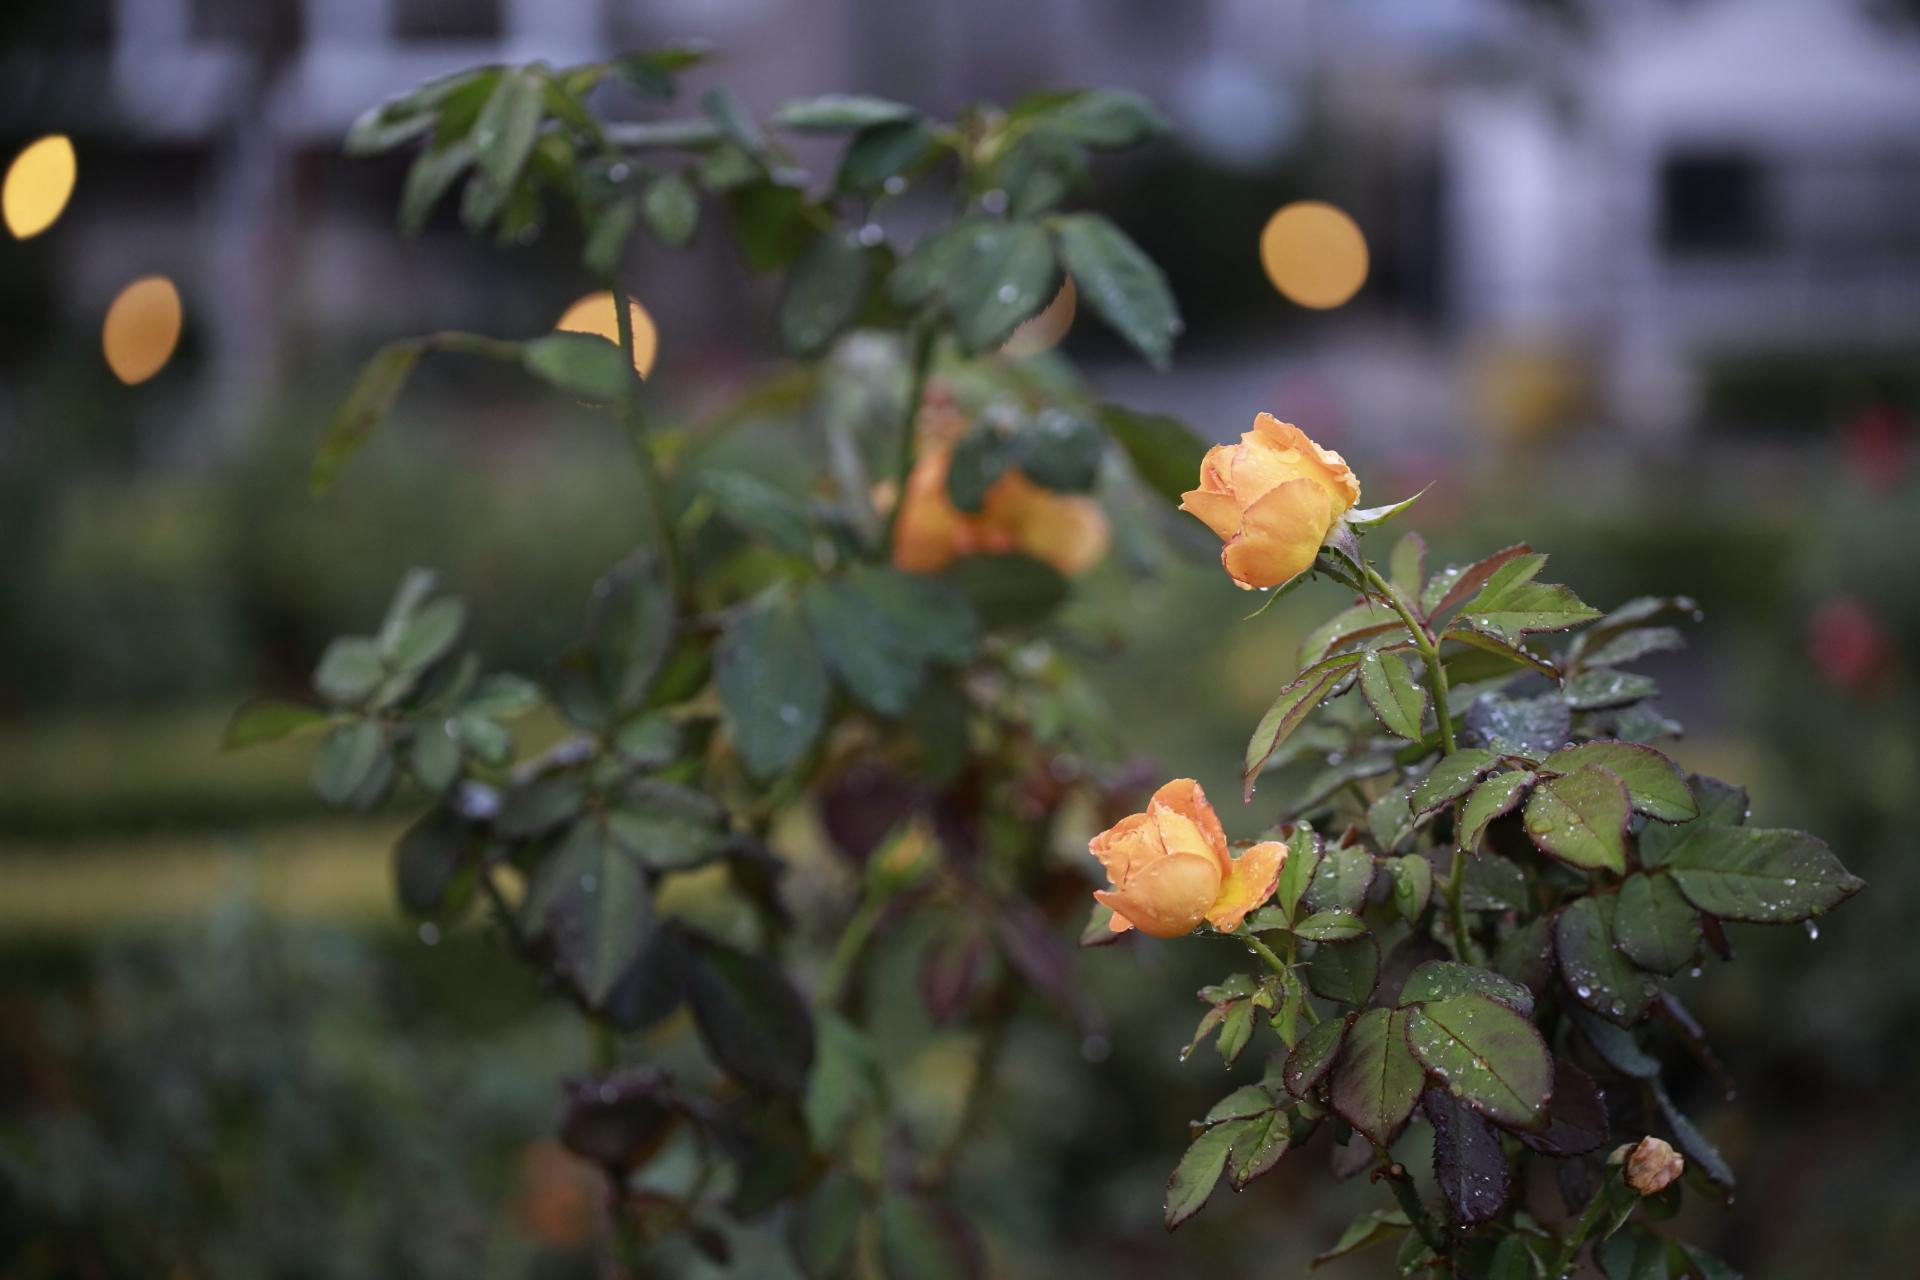 本山街園(バラ園)の開花状況 2021年10月17日